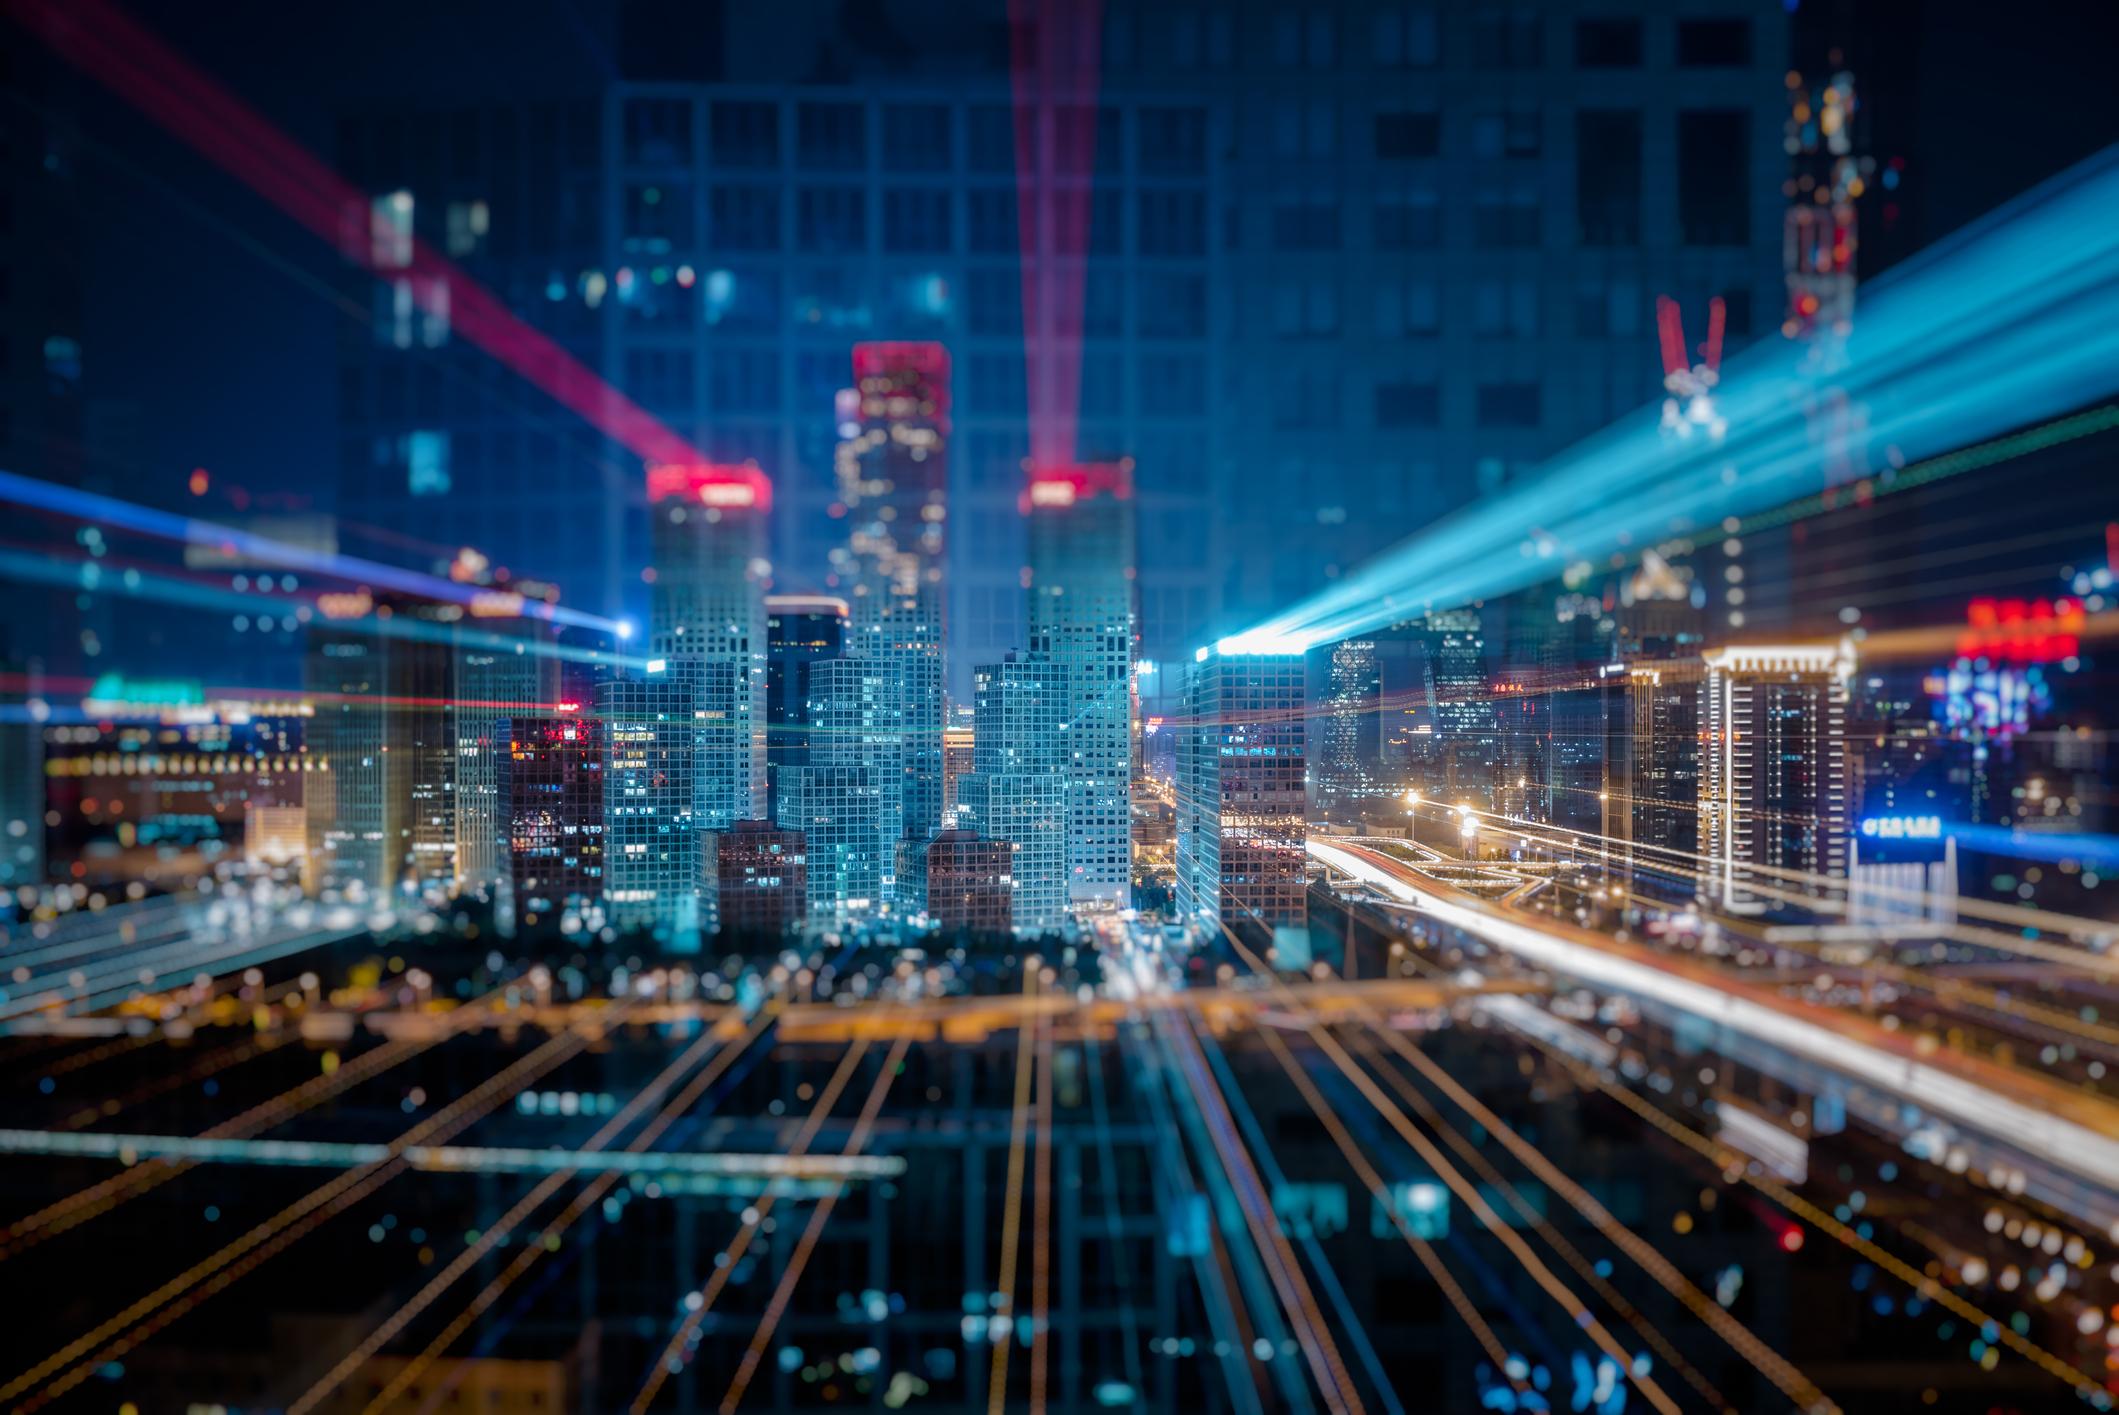 Intelligente Städte werden zur Bekämpfung des Klimawandels beitragen (Bewusstsein ist erforderlich)